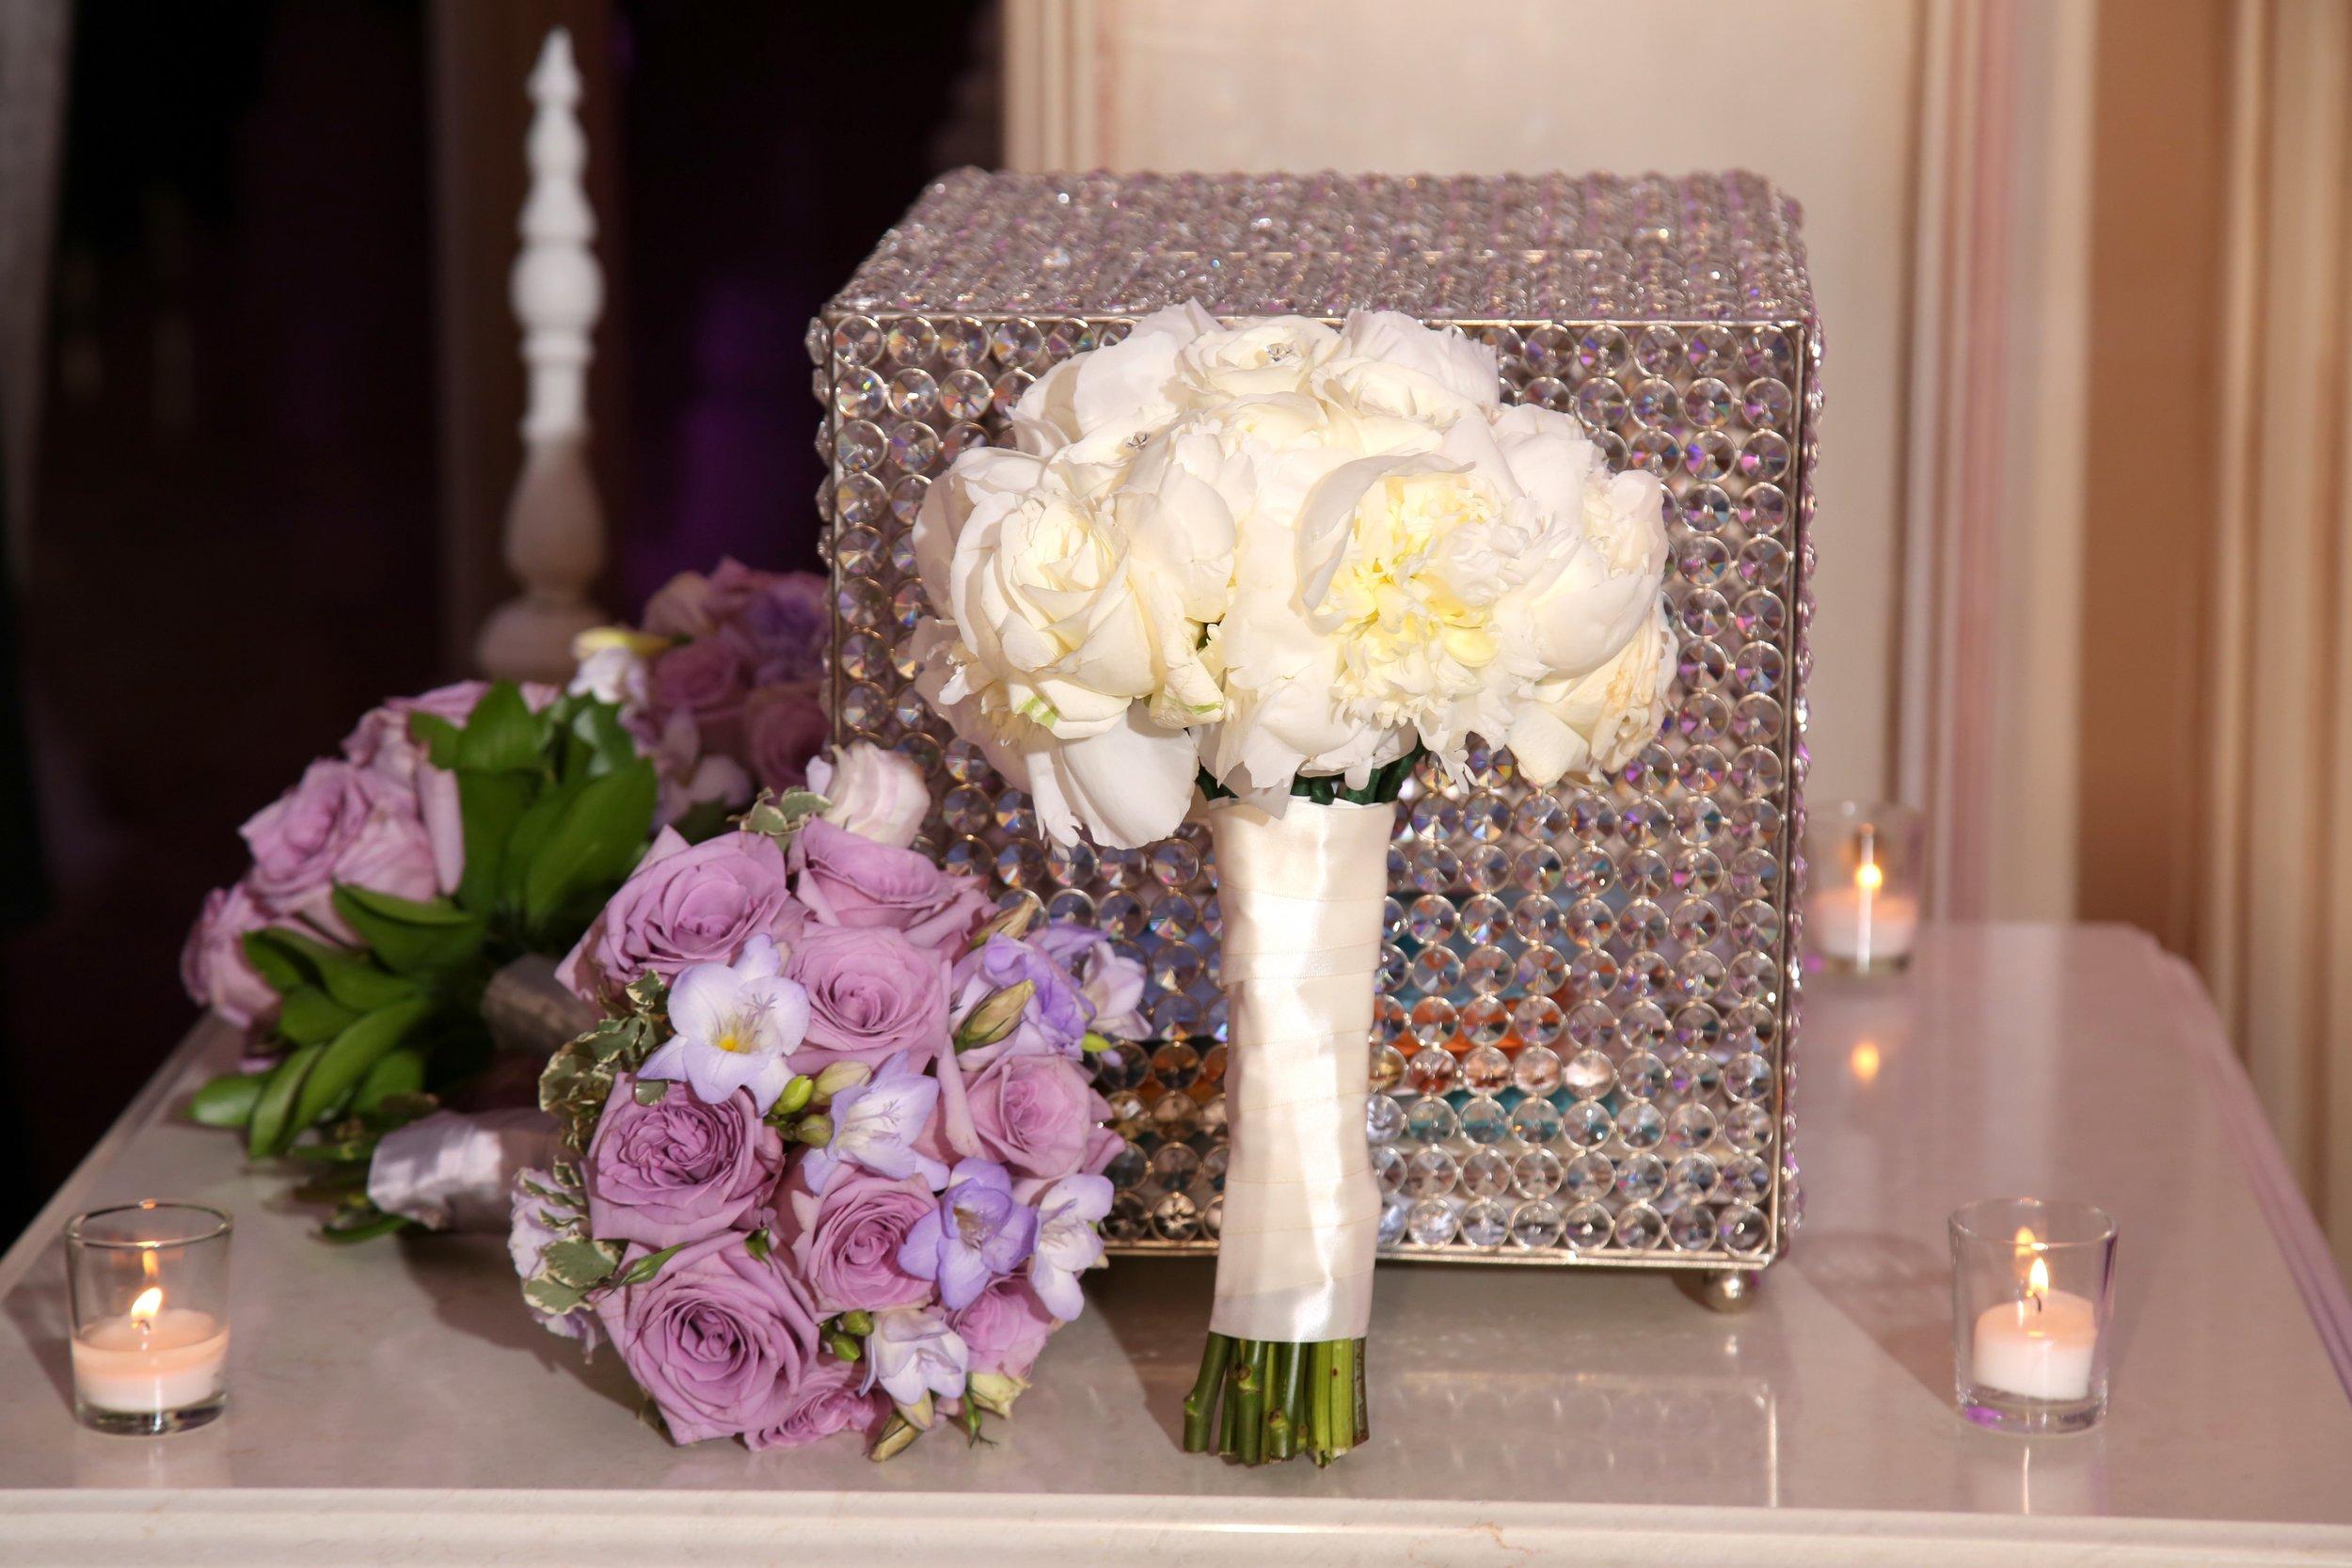 m2-floral-bouquets16.jpg